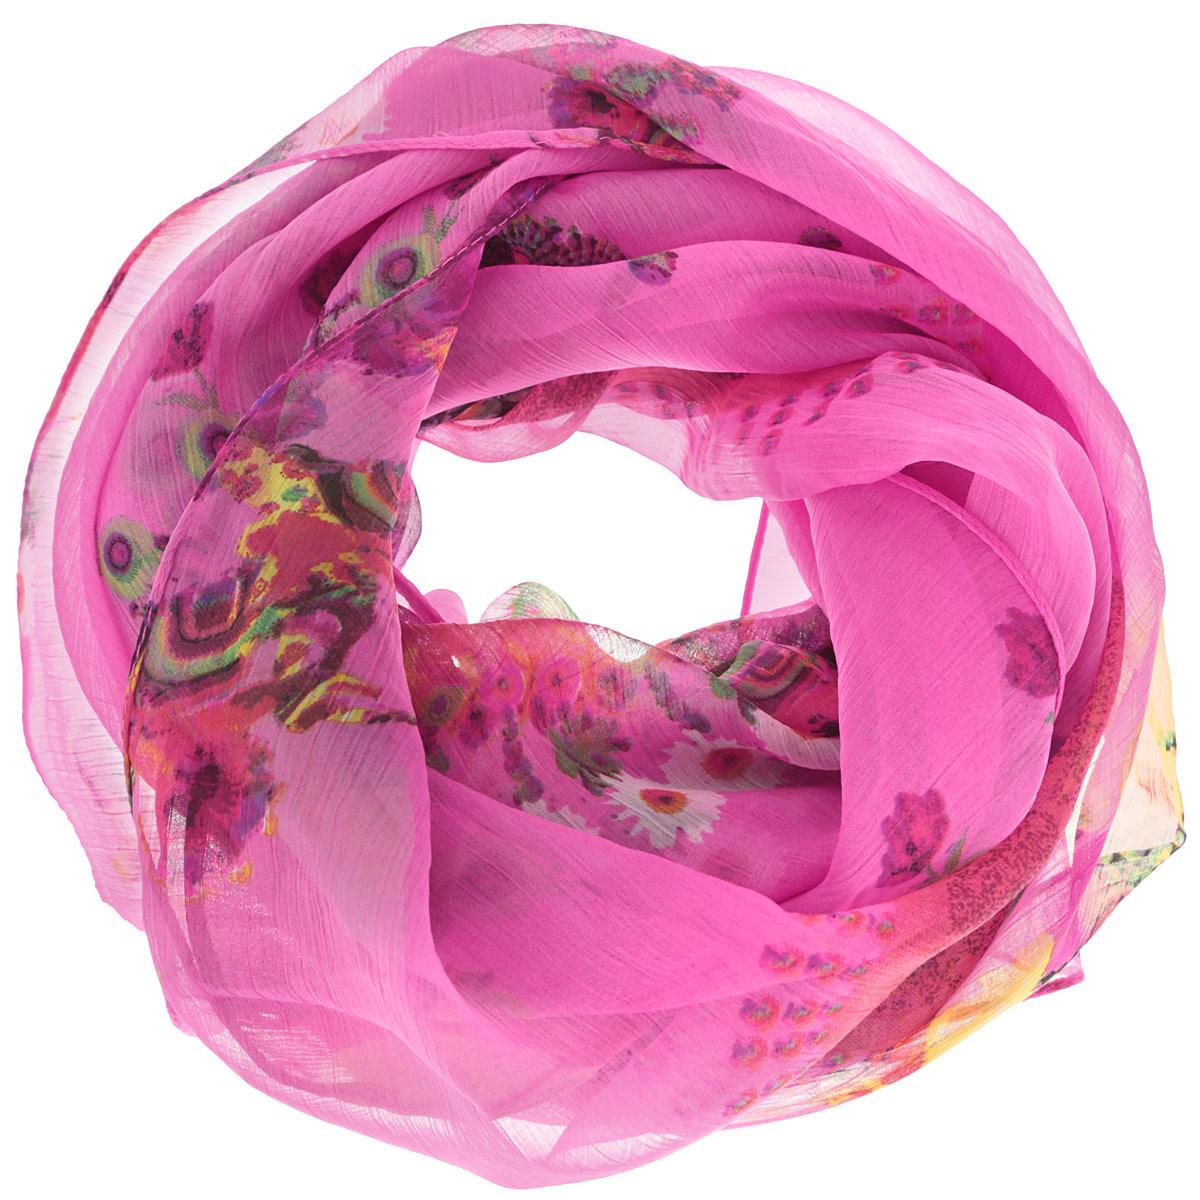 524040нСтильный женский платок Ethnica станет великолепным завершением любого наряда. Платок изготовлен из 100% вискозы и оформлен оригинальным орнаментом. Классическая квадратная форма позволяет носить платок на шее, украшать им прическу или декорировать сумочку. Такой платок превосходно дополнит любой наряд и подчеркнет ваш неповторимый вкус и элегантность.